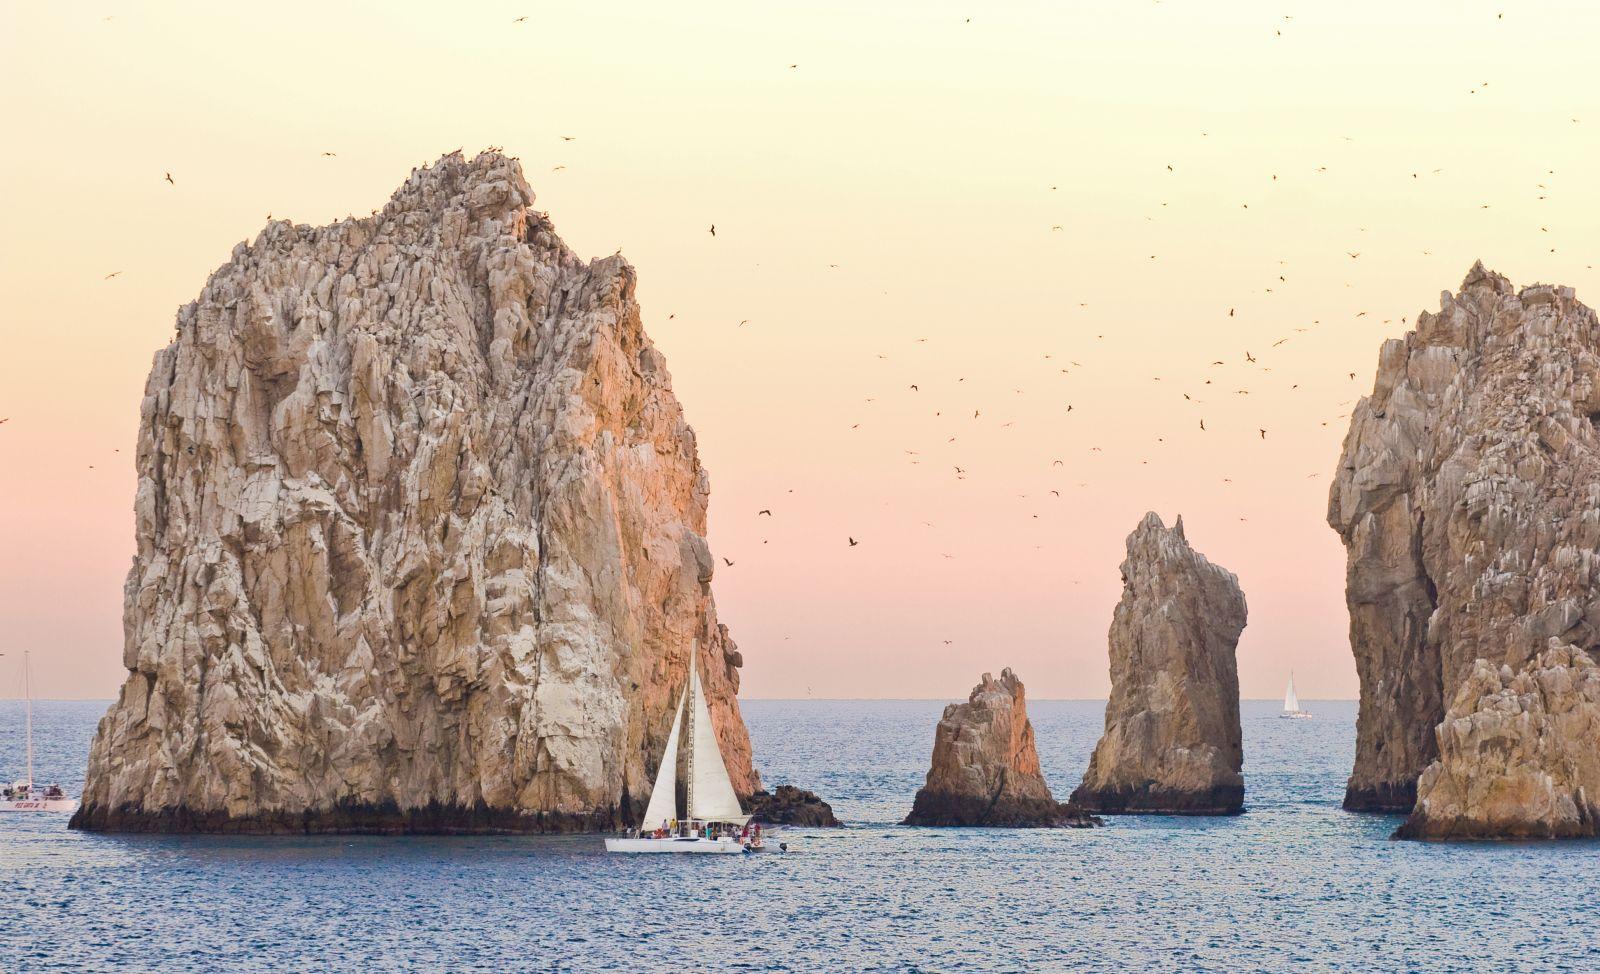 Abendstimmung an der Südspitze der Halbinsel mit der Felsformation Los Arcos. ©Vivid Pixels/AdobeStock